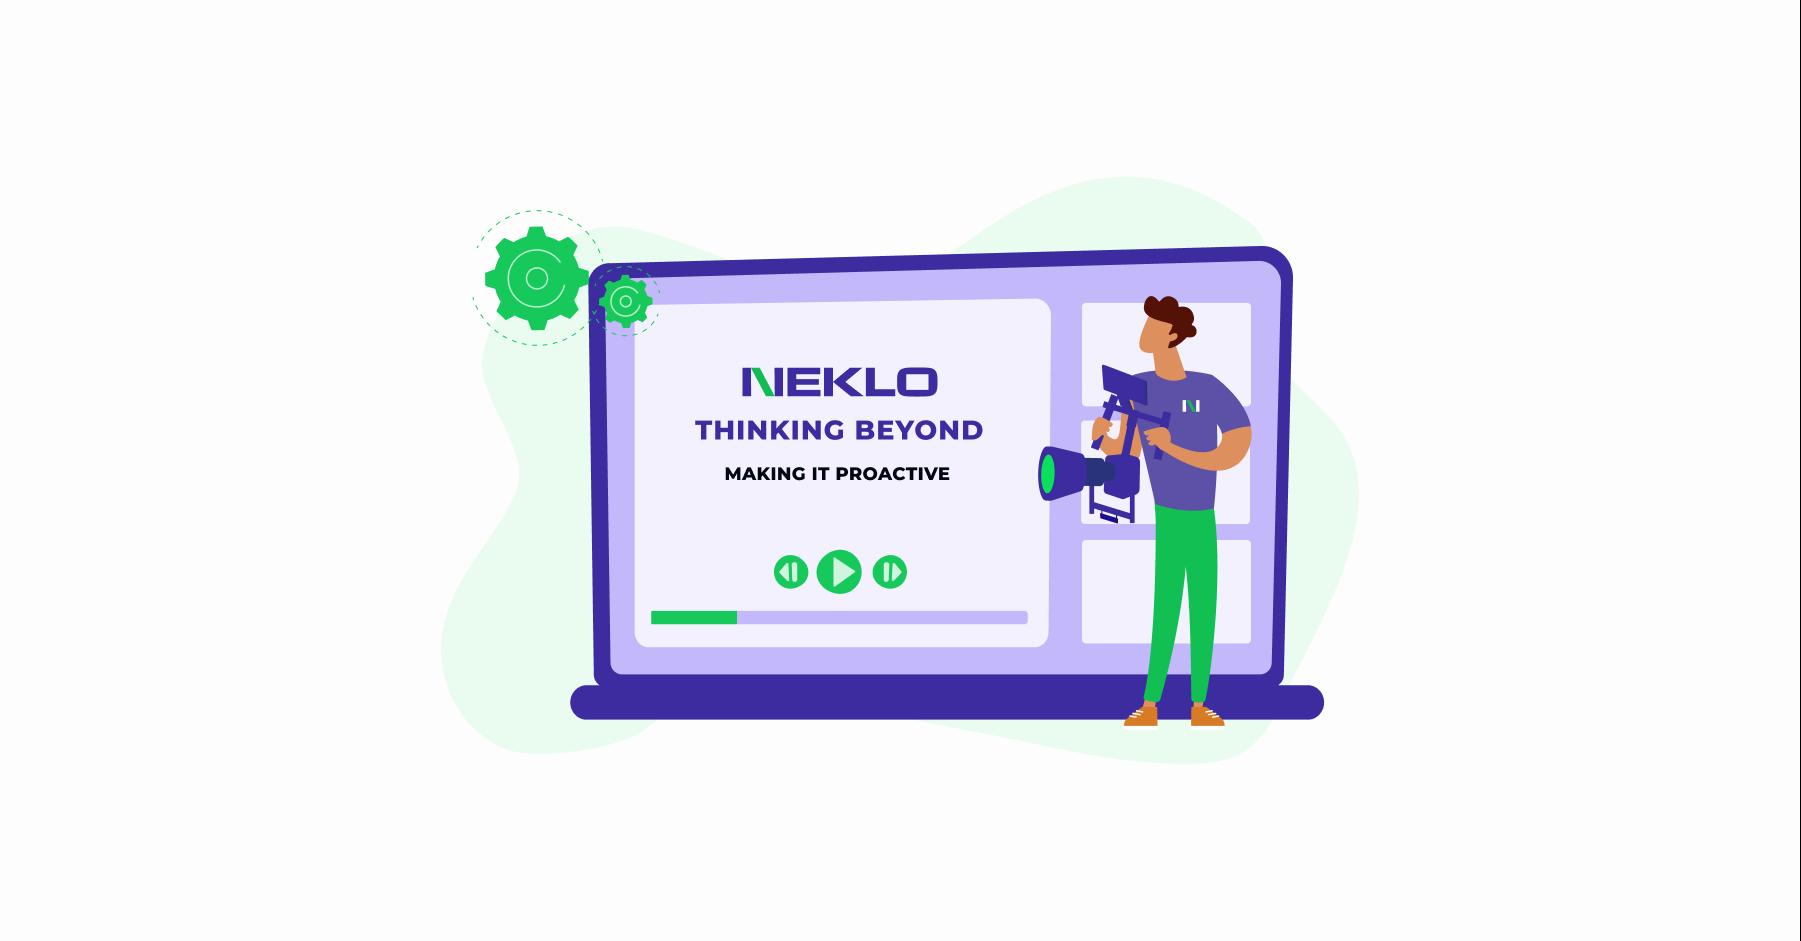 neklo thinking beyond